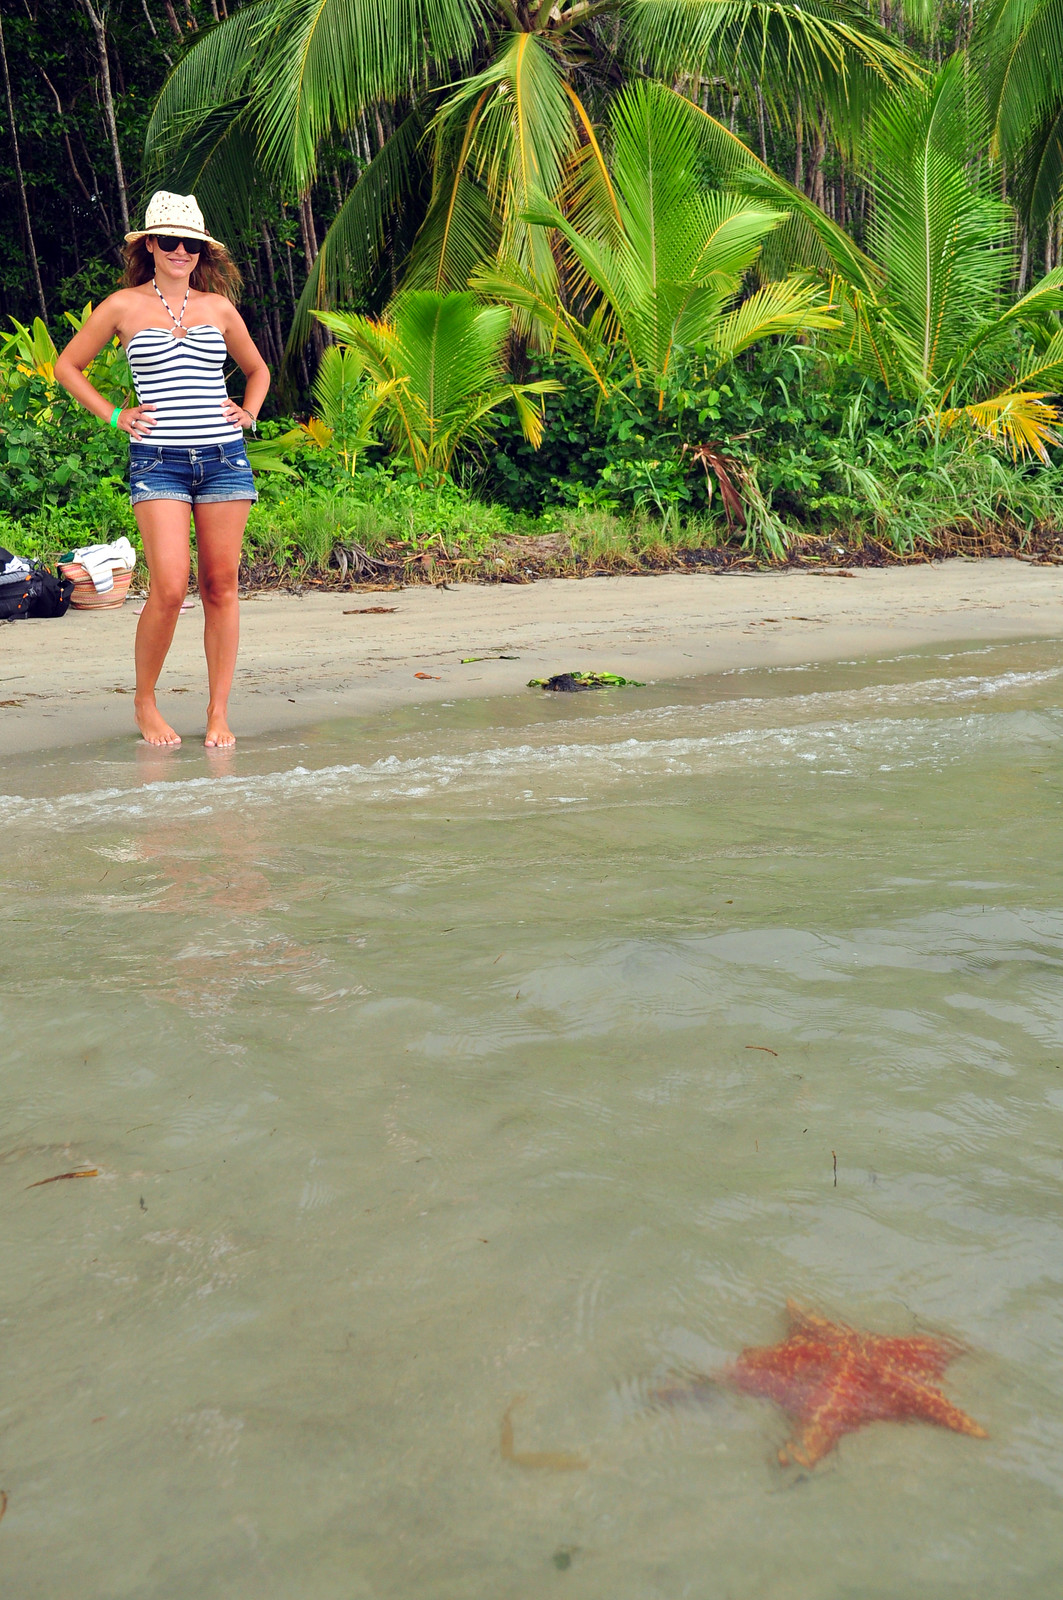 Viajar a Costa Rica / Ruta por Costa Rica en 3 semanas ruta por costa rica - 24377759958 3ae7333b1a h - Ruta por Costa Rica en 3 semanas